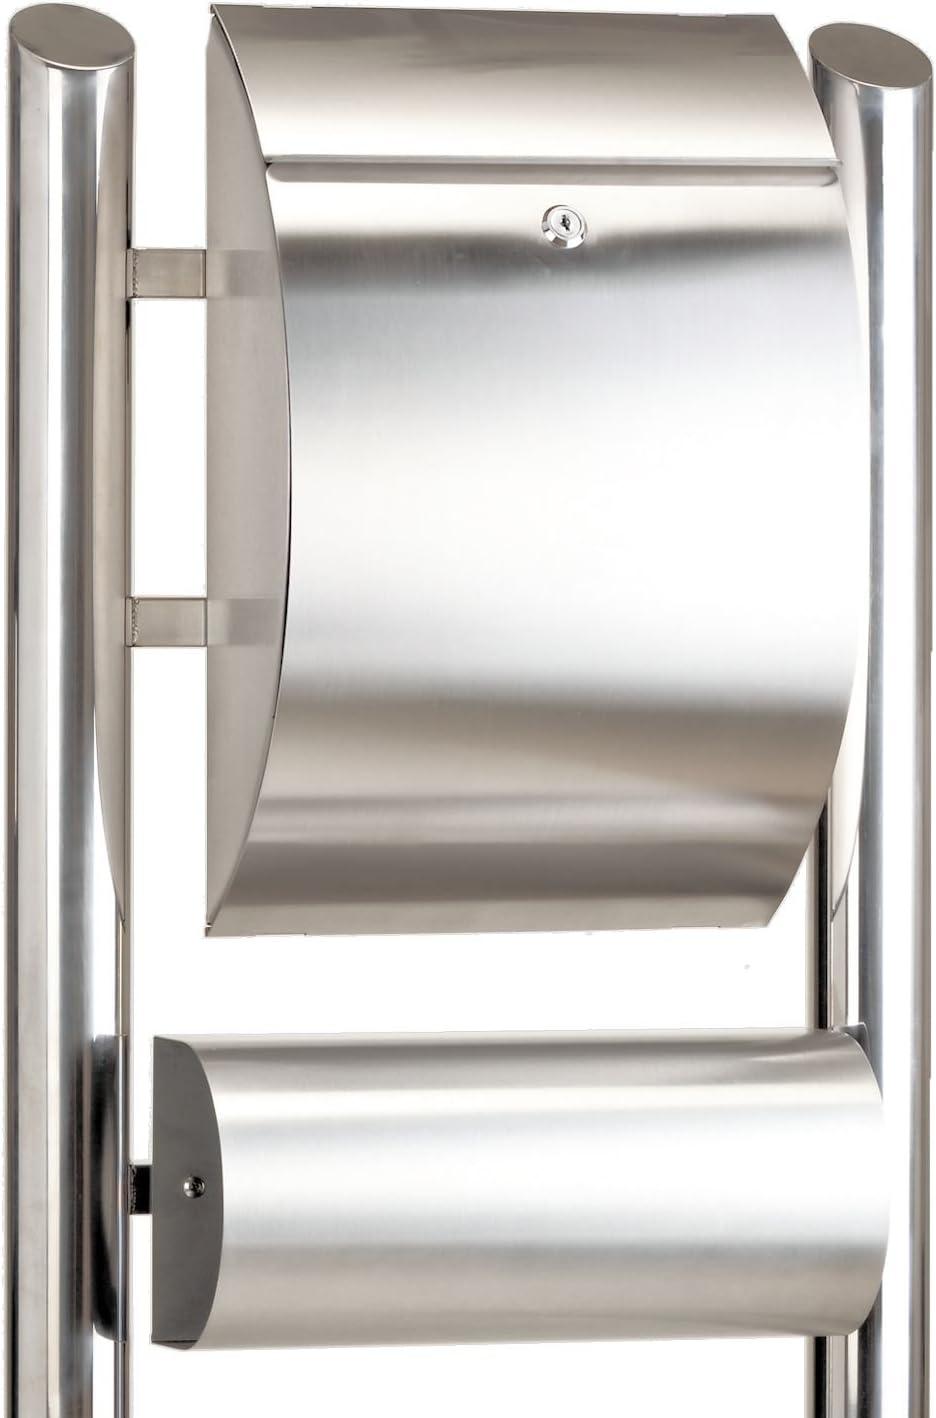 Zelsius - Buzón de Correo con Soporte I Acero Inoxidable I Color Plateado I Cerradura I Compartimento Periódicos